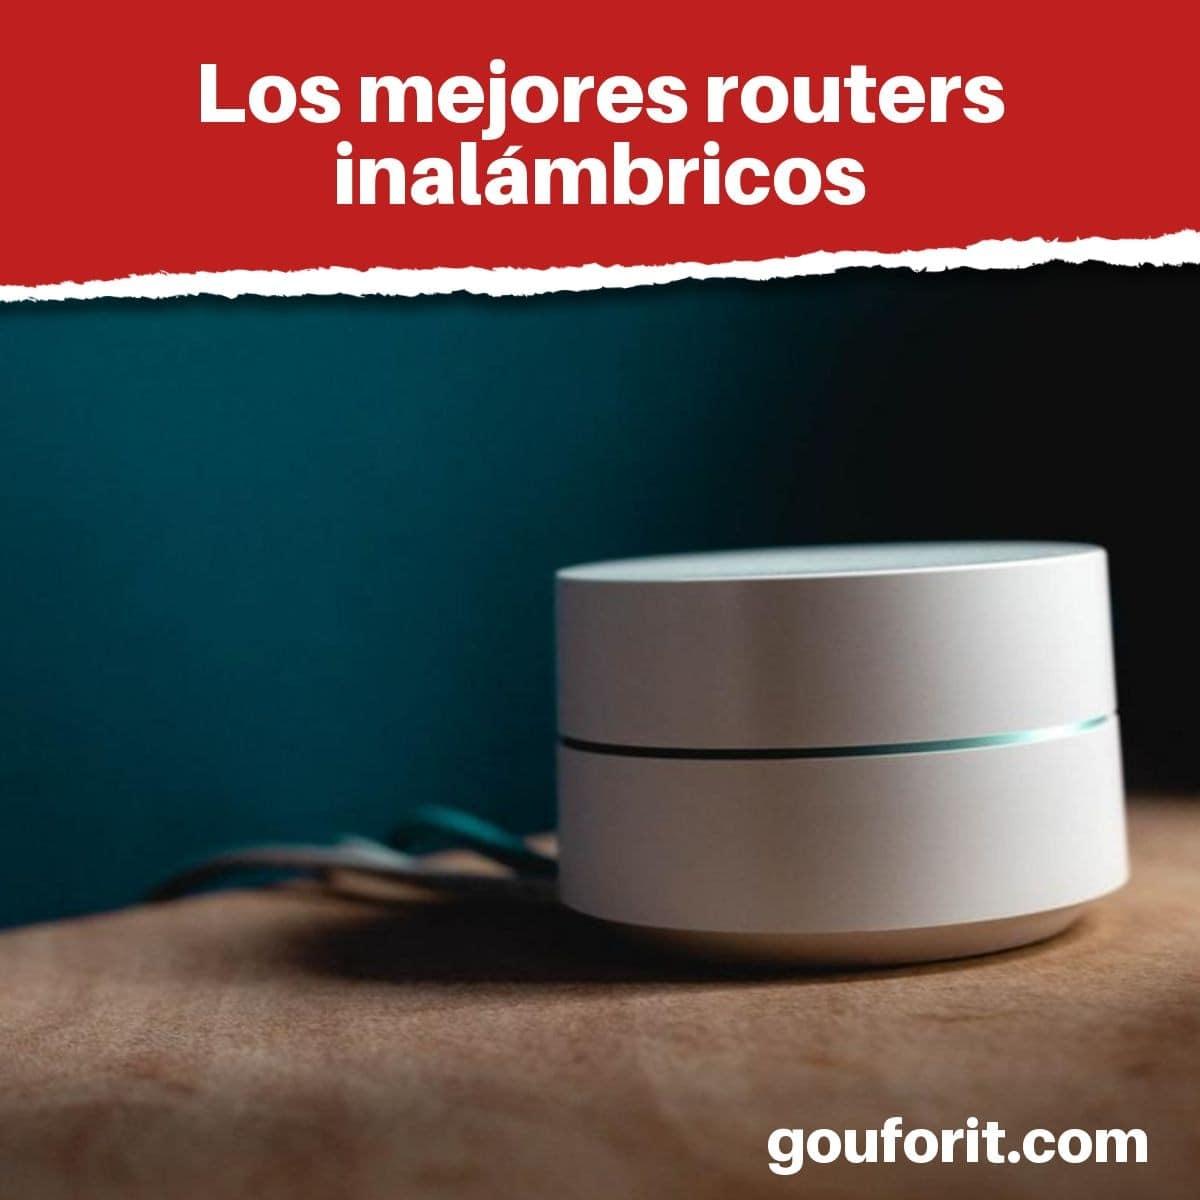 Los mejores routers inalámbricos